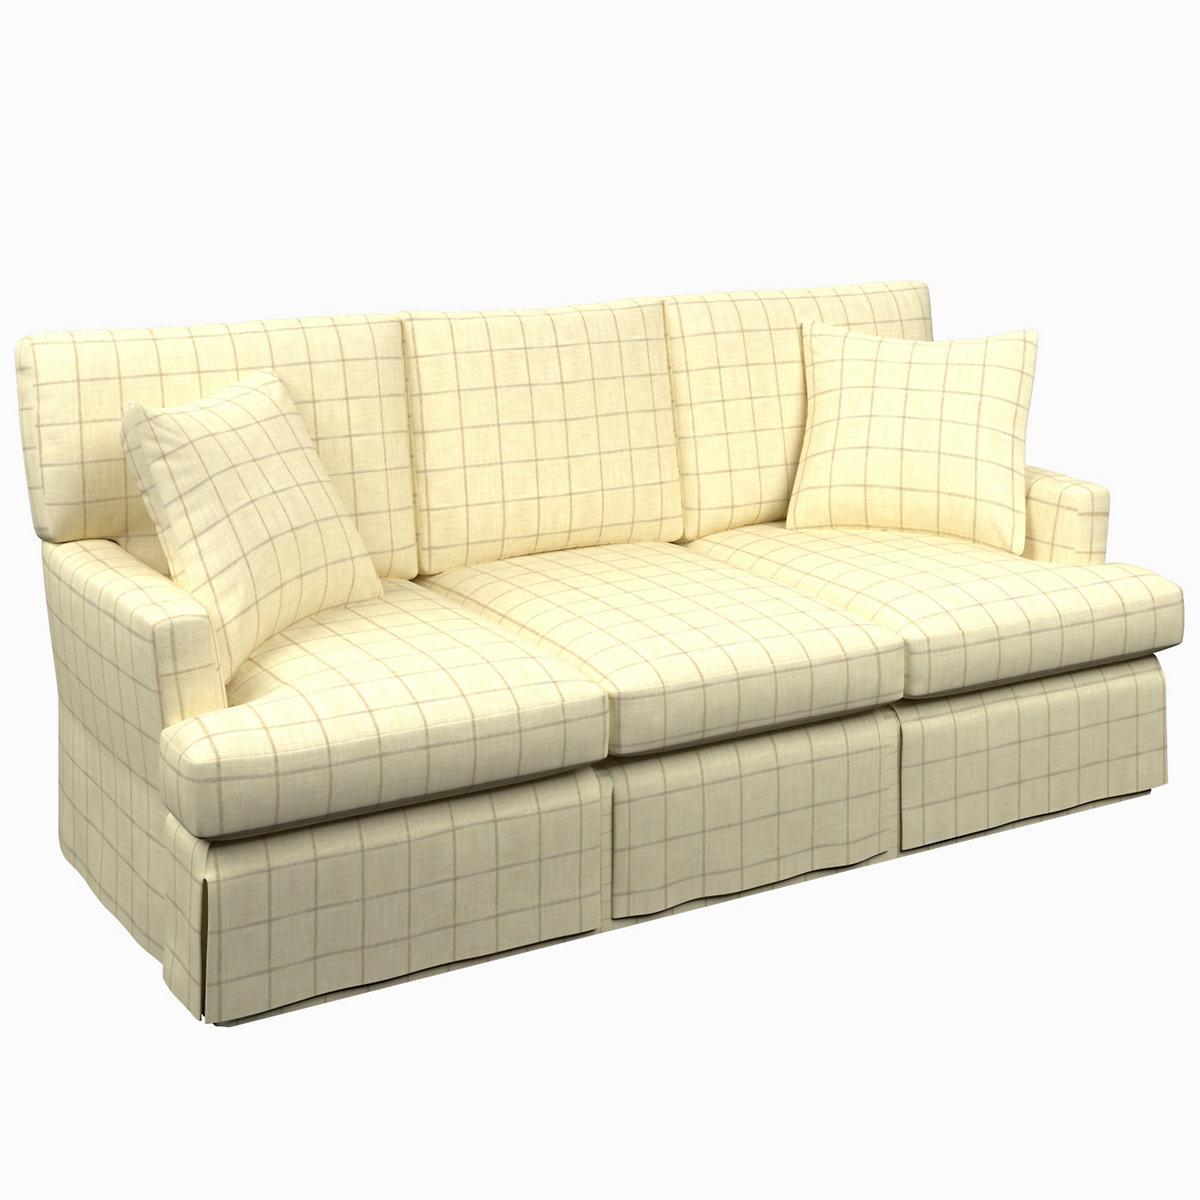 Chatham Tattersall Natural/Grey Saybrook 3 Seater Sofa